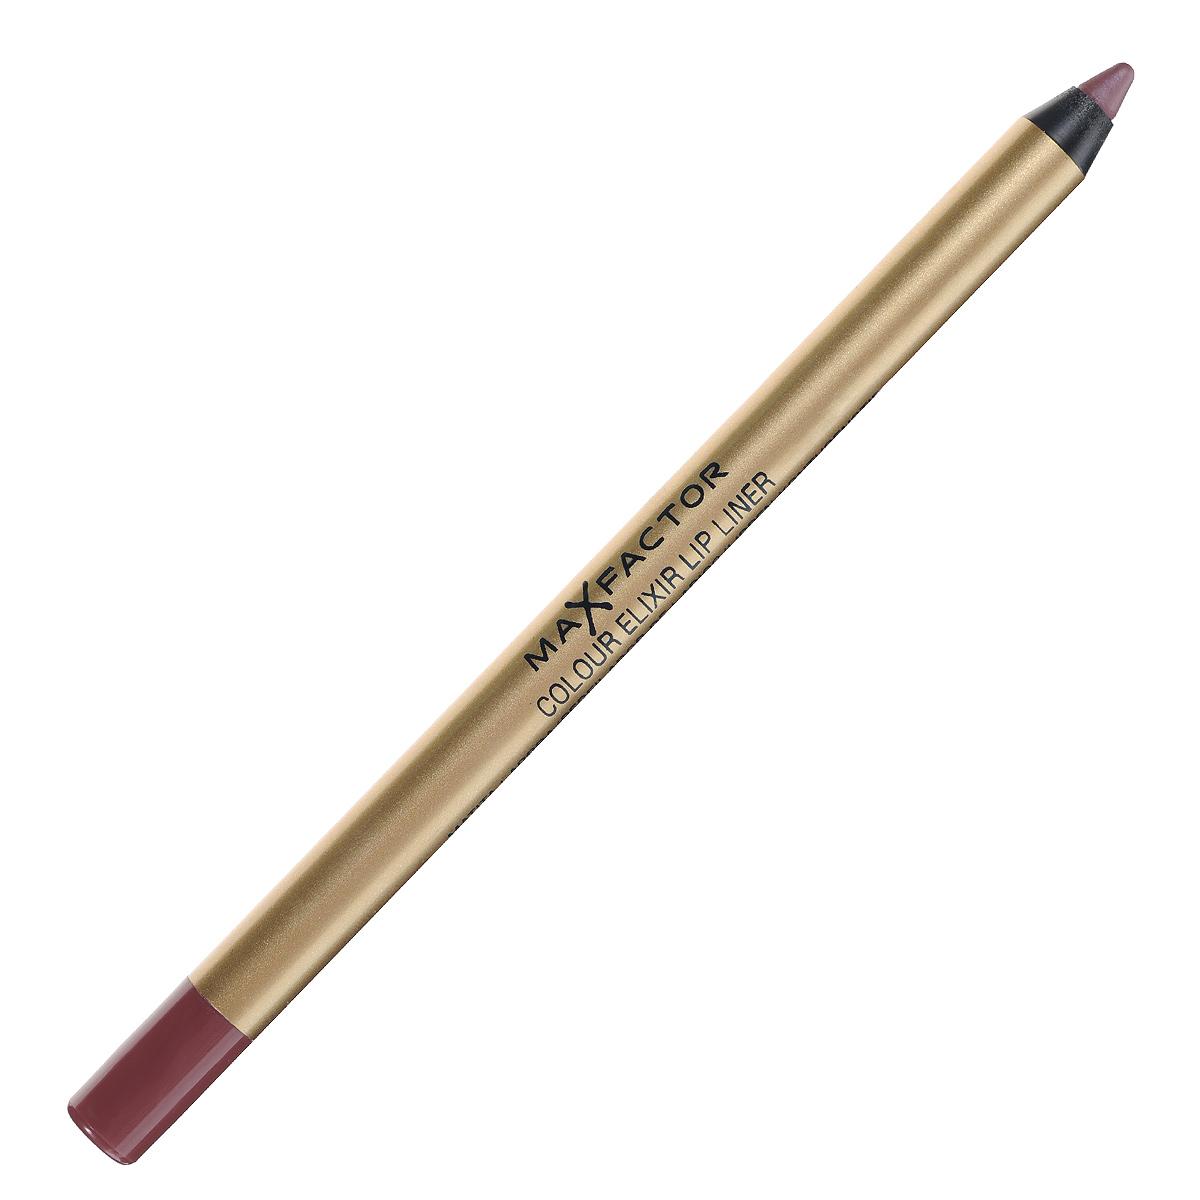 Max Factor Карандаш для губ Colour Elixir Lip Liner, тон №12 red blush, цвет: бордовый81440166Секрет эффектного макияжа губ - правильный карандаш. Он мягко касается губ и рисует точную линию, подчеркивая контур и одновременно ухаживая за губами. Карандаш для губ Colour Elixir подчеркивает твои губы, придавая им форму. - Роскошный цвет и увлажнение для мягких и гладких губ. - Оттенки подходят к палитре помады Colour Elixir. - Легко наносится. 1. Выбирай карандаш на один тон темнее твоей помады 2. Наточи карандаш и смягчи кончик салфеткой 3. Подведи губы в уголках, дугу Купидона и середину нижней губы, затем соедини линии 4. Нанеси несколько легких штрихов на губы, чтобы помада держалась дольше.